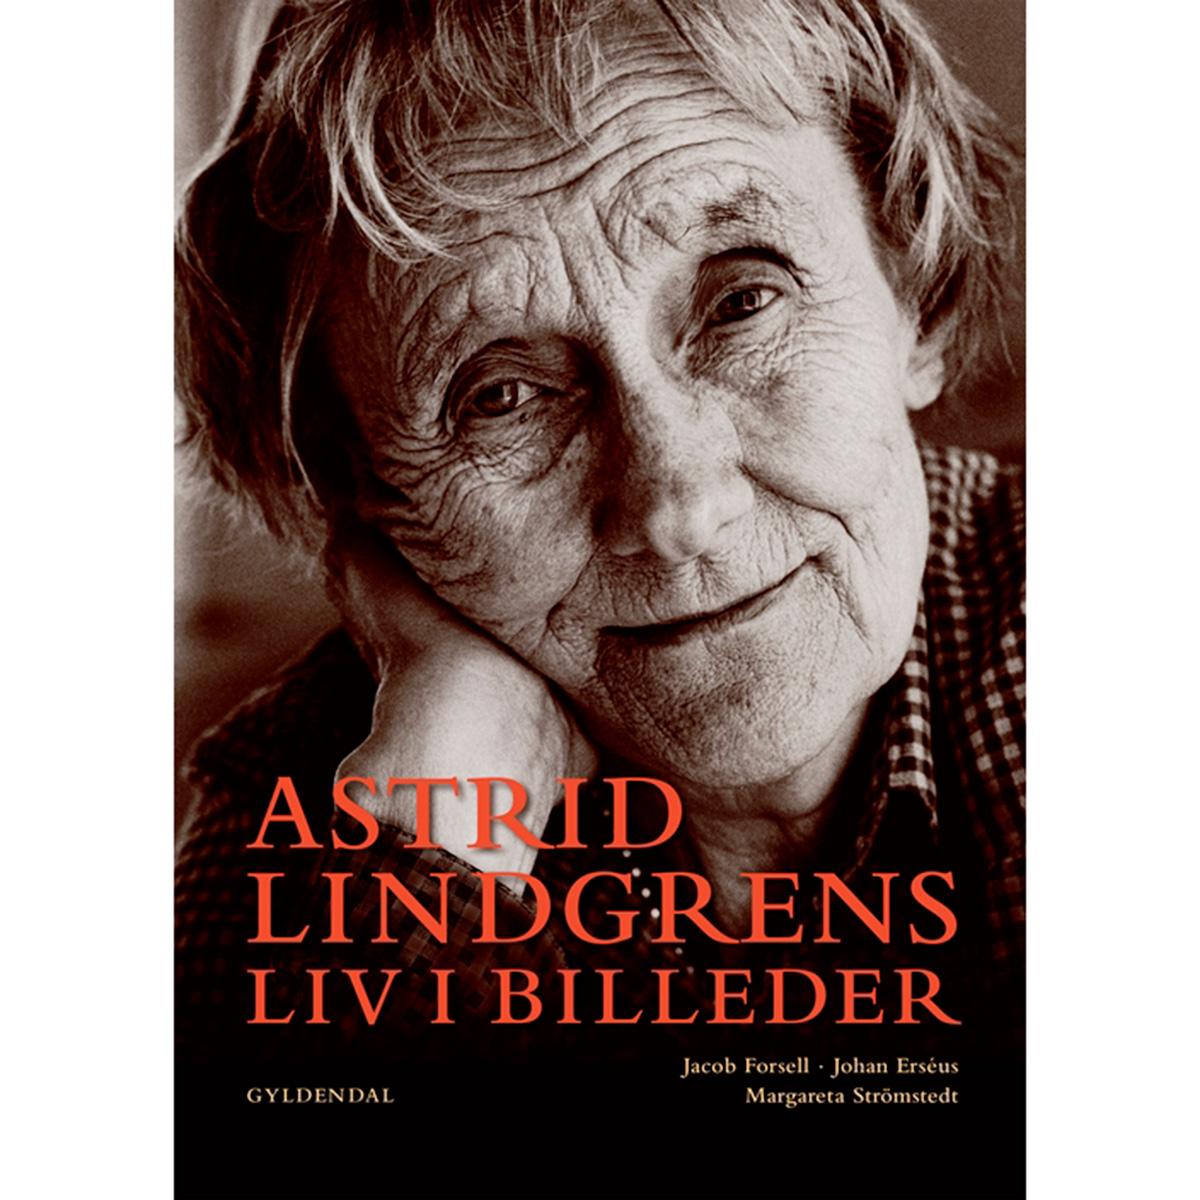 Billede af Astrid Lindgrens liv i billeder - Indbundet